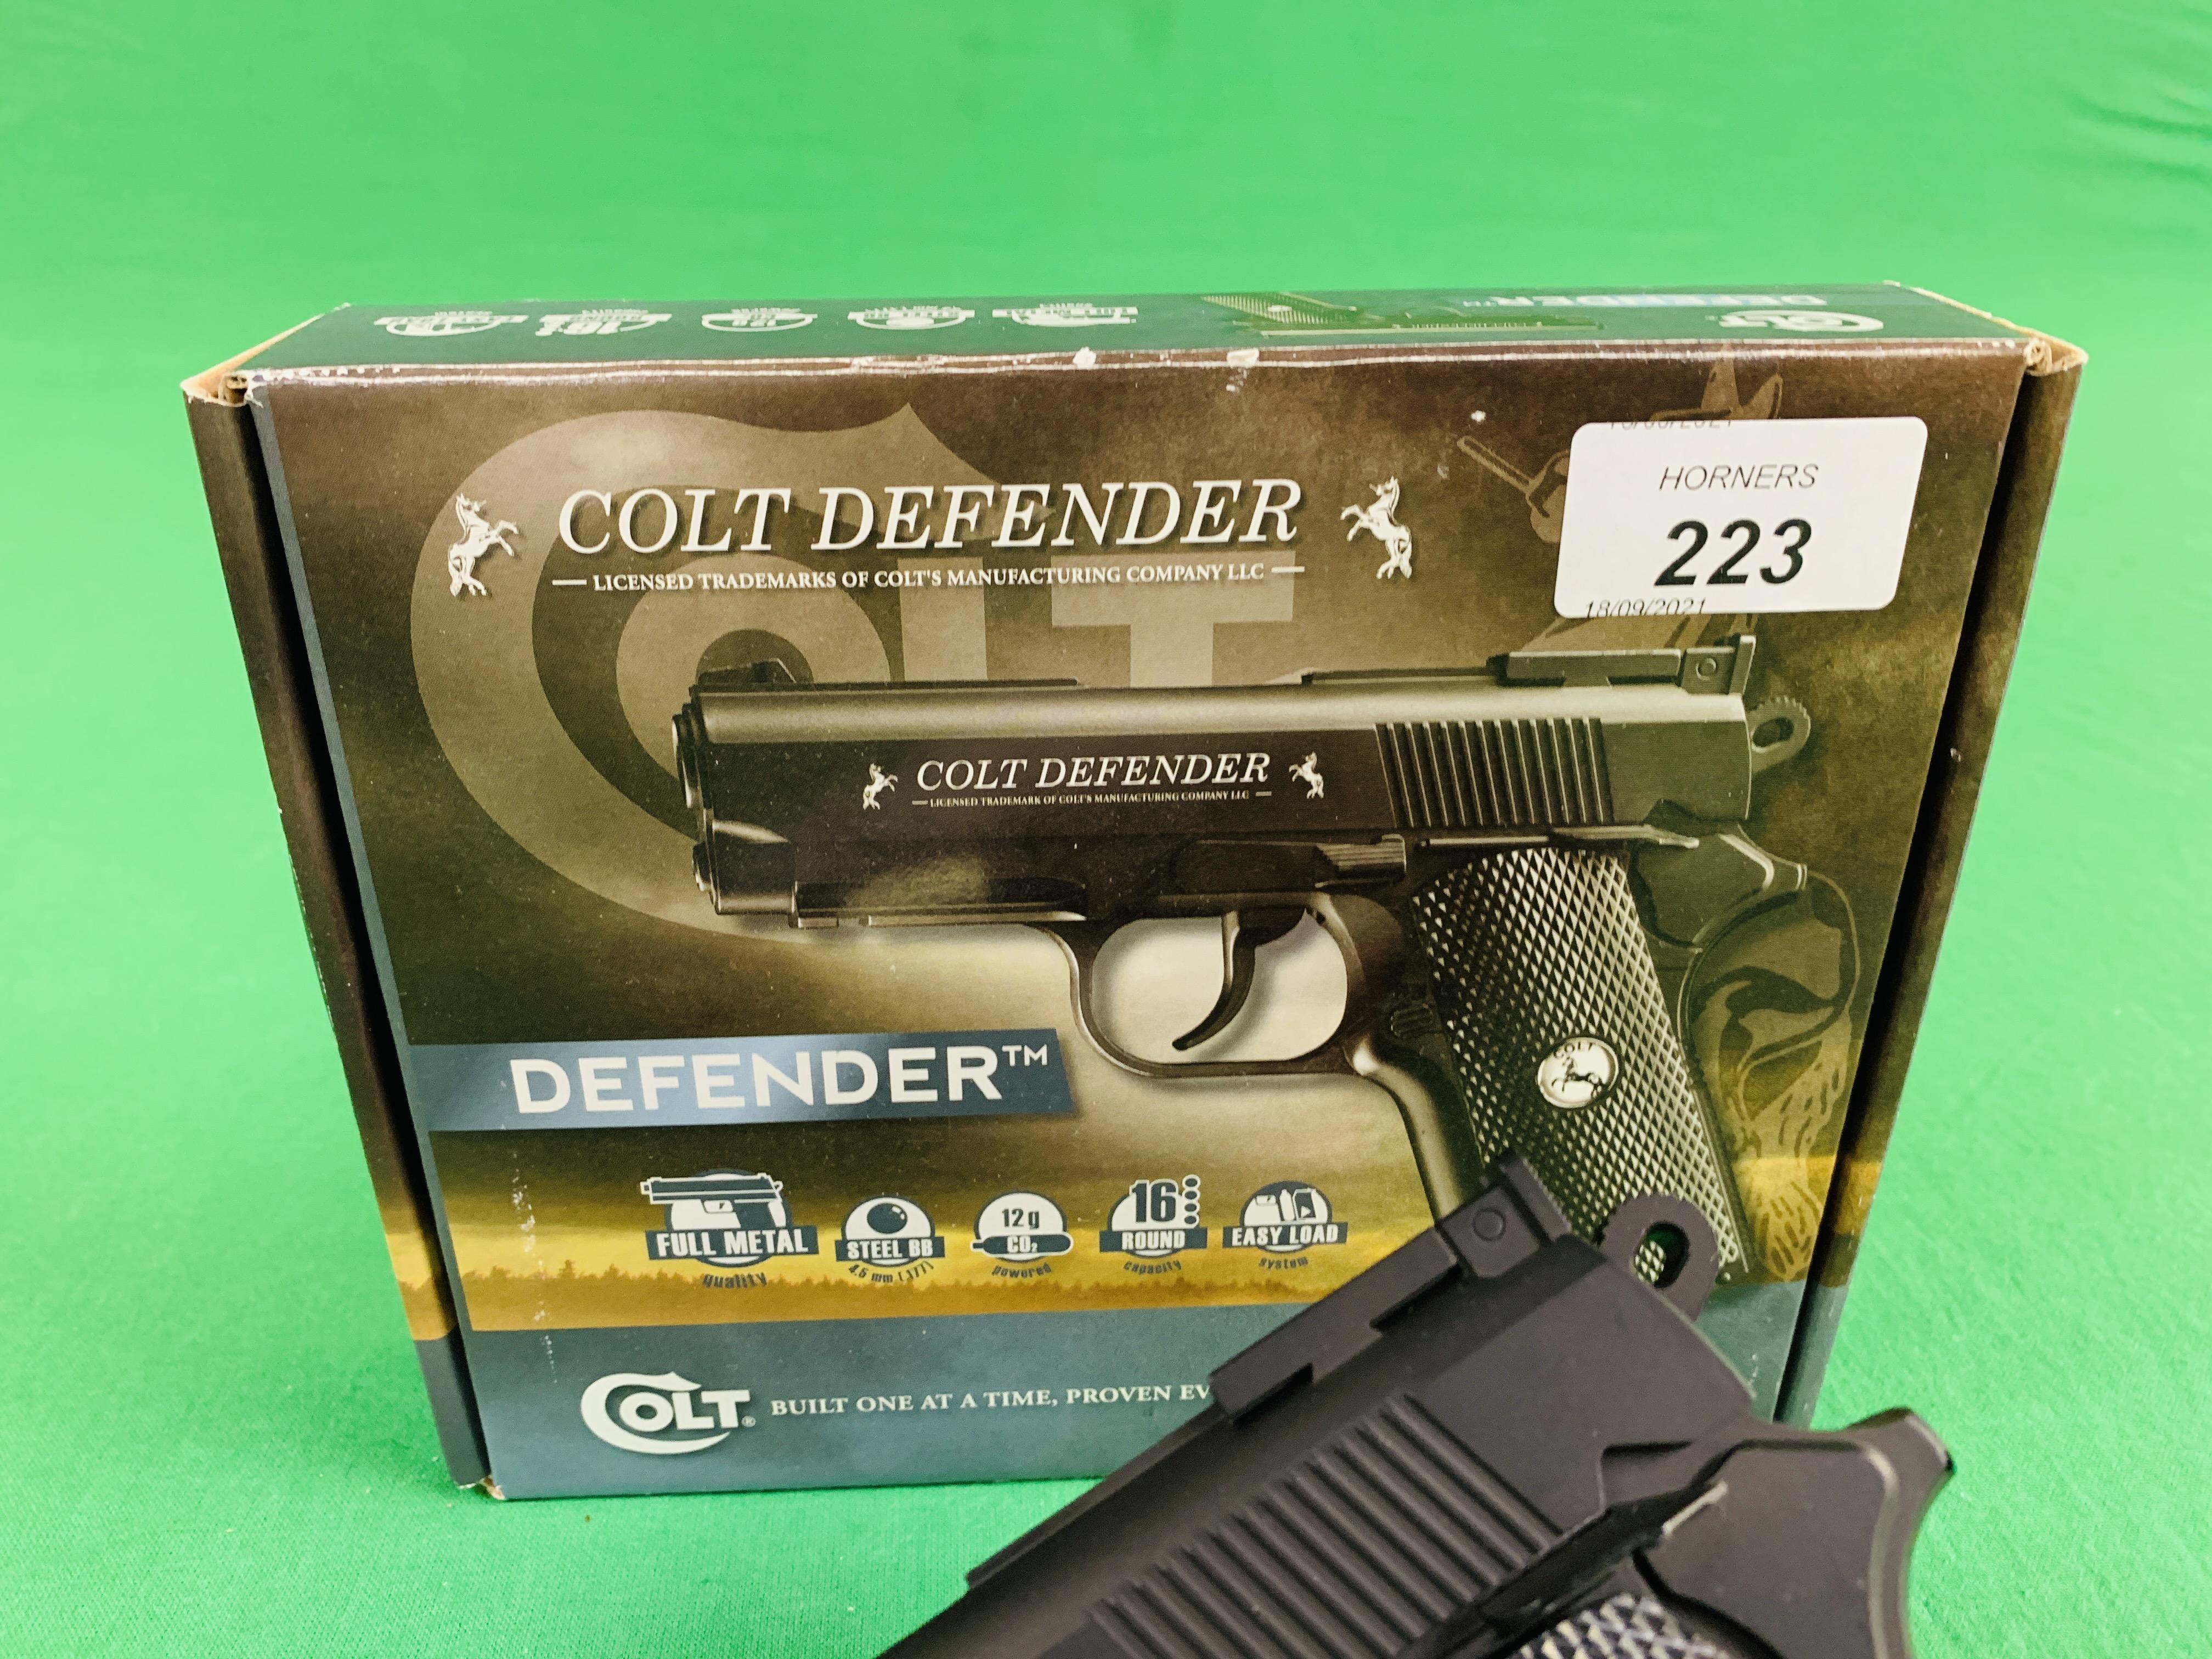 A COLT DEFENDER 16 ROUND . - Image 3 of 10